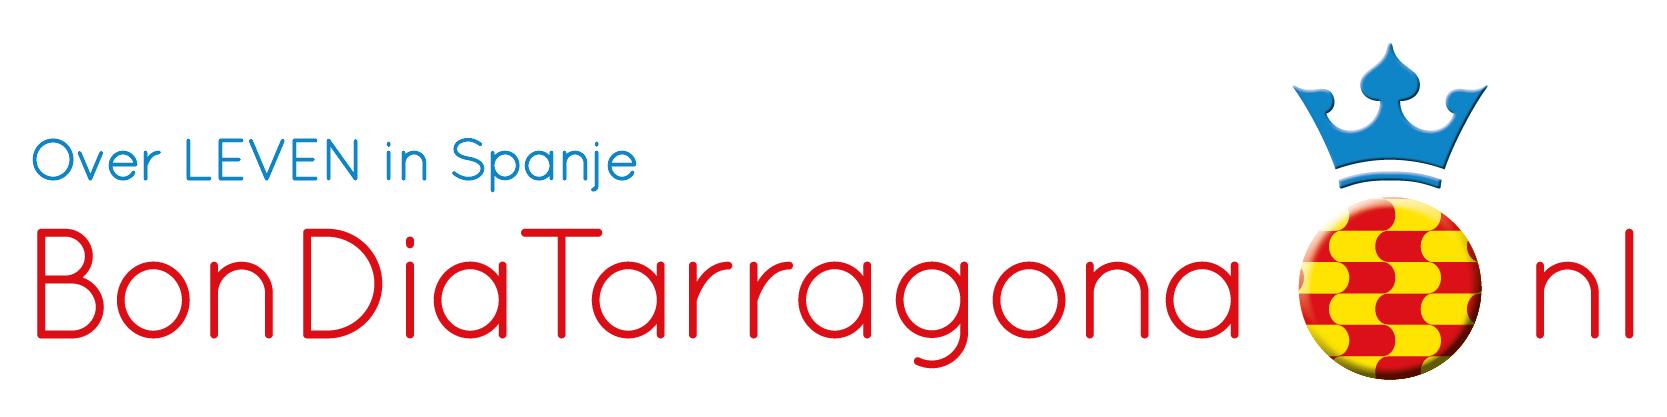 BON DIA TARRAGONA